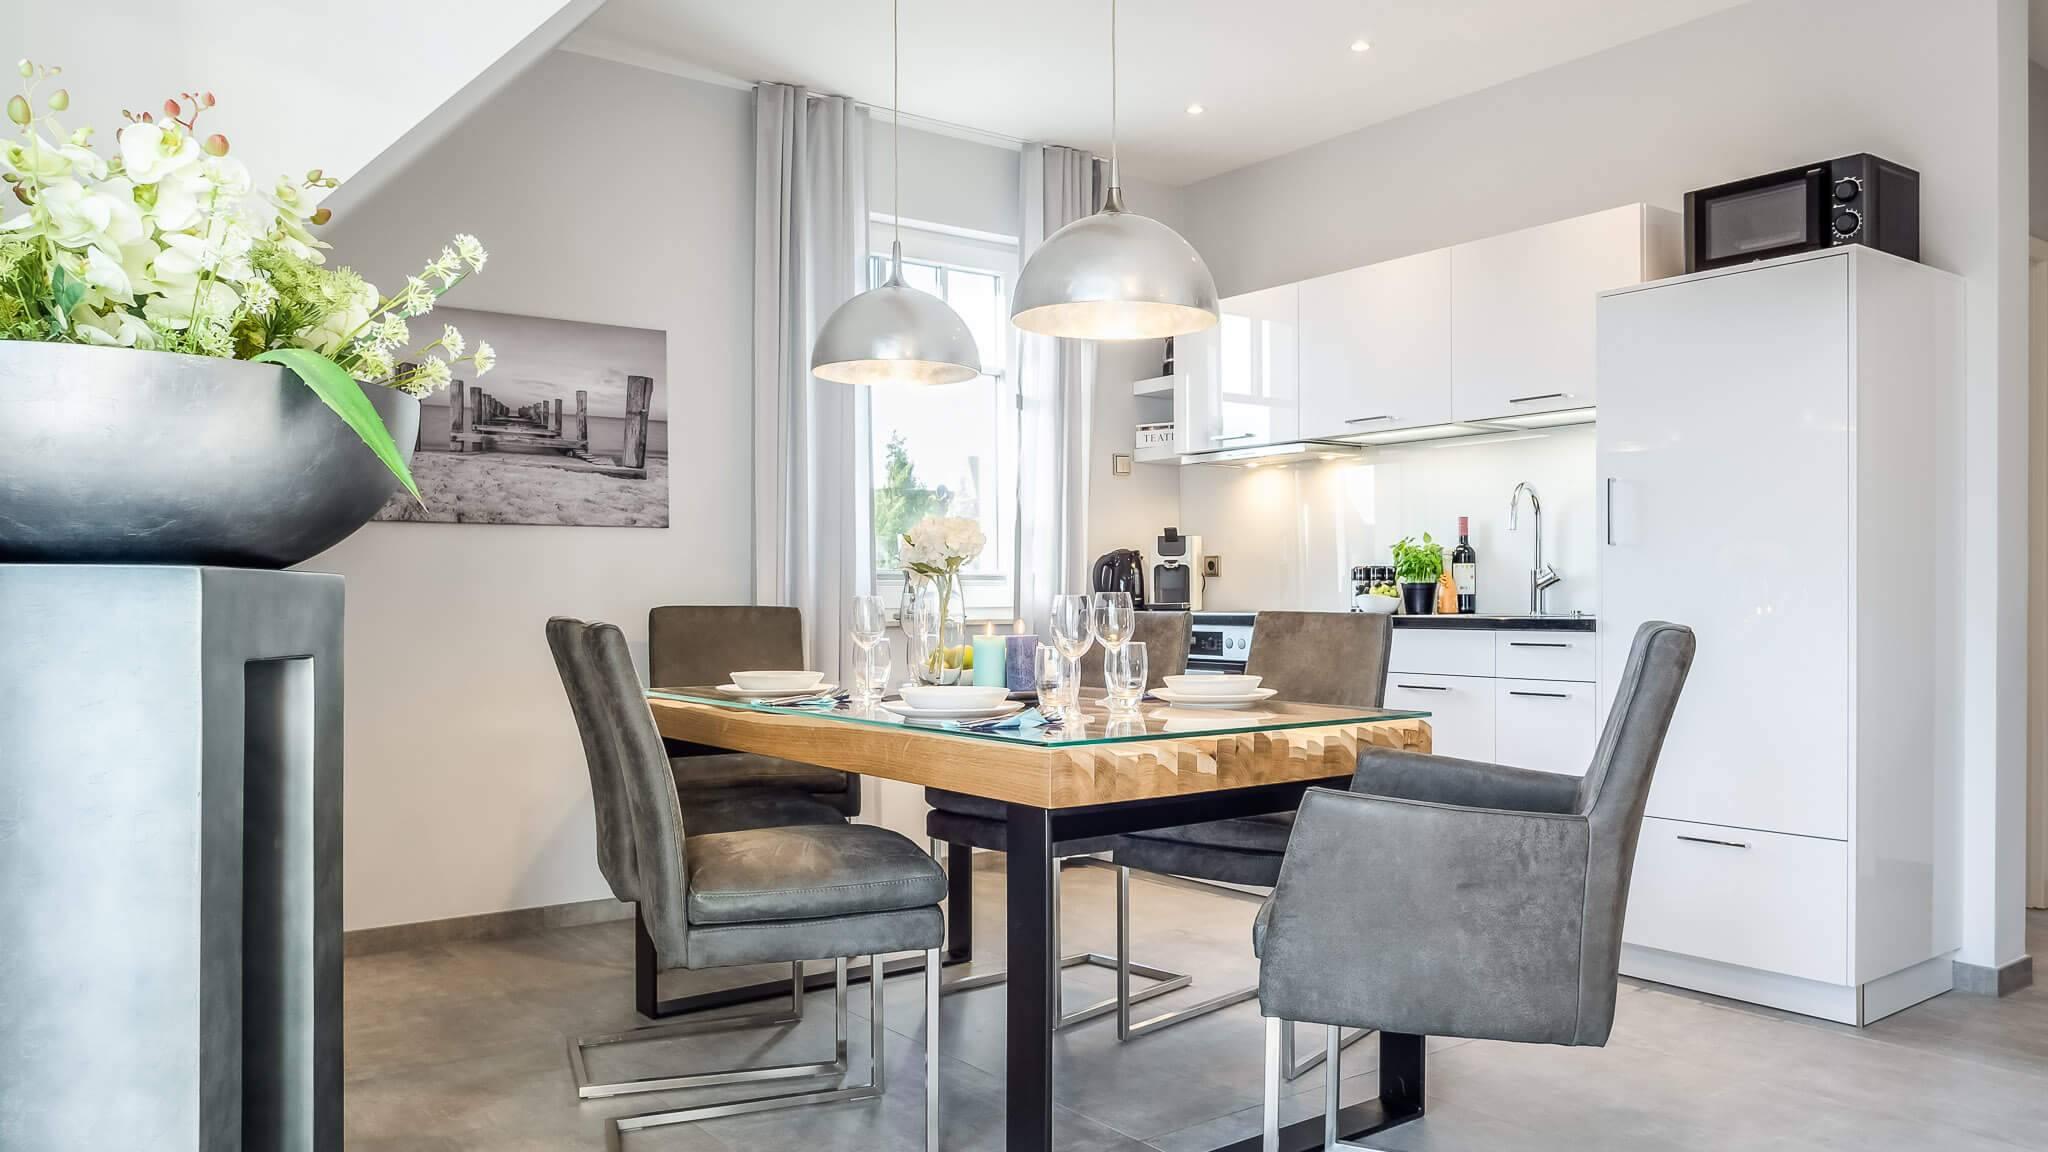 Ferienwohnung meerle 5 – Offene Küche